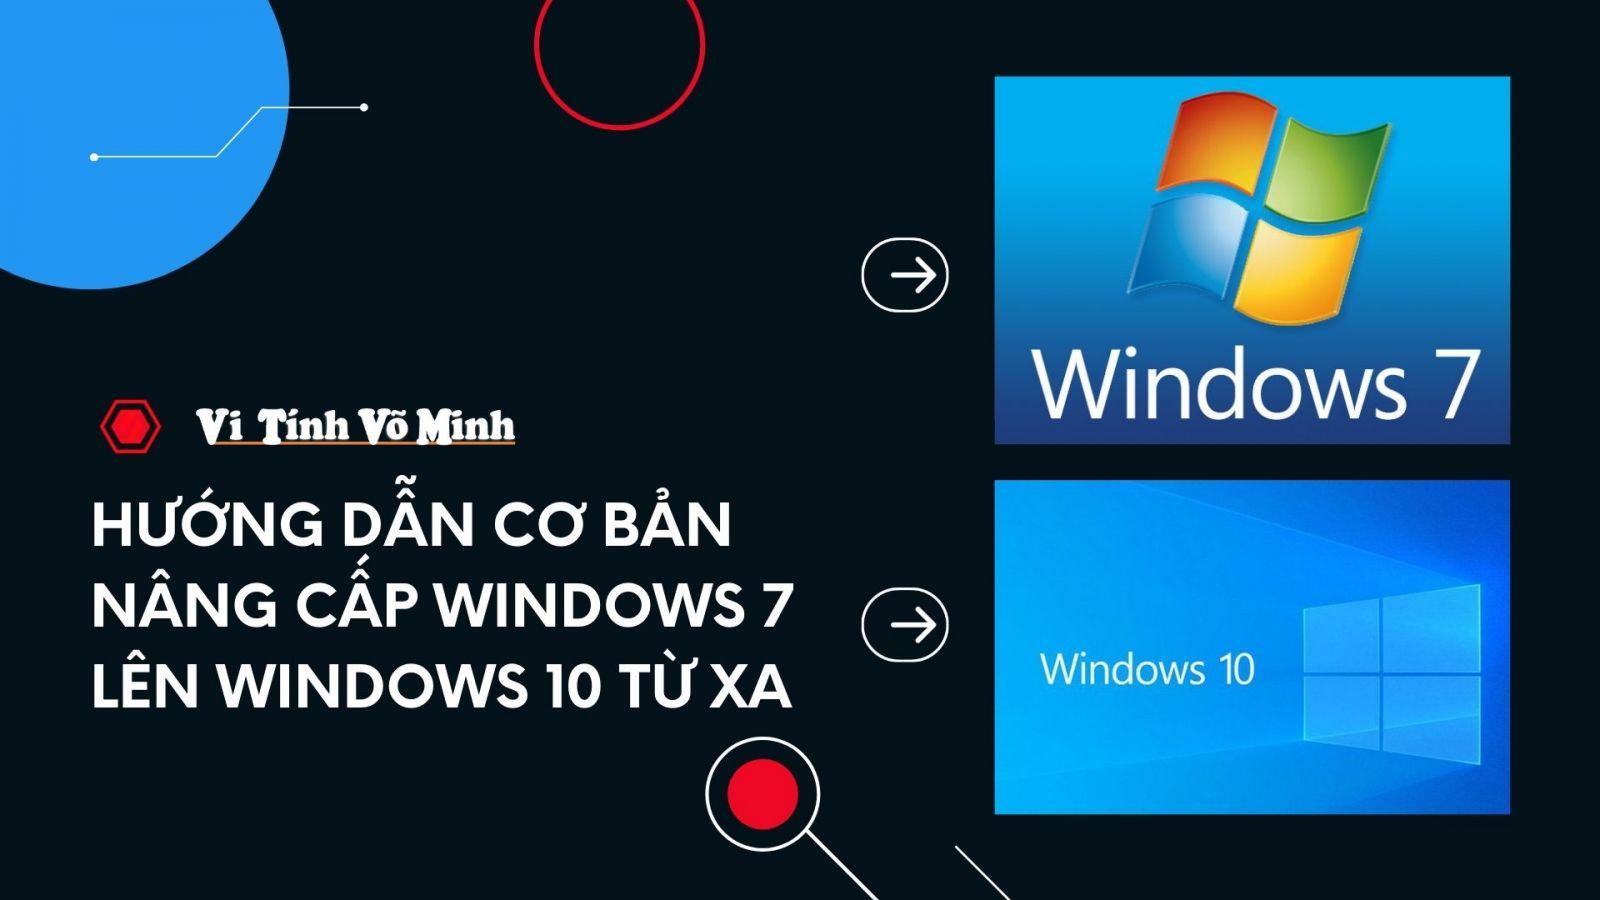 Huong-dan-co-ban-nang-cap-Windows-7-len-Windows-10-tu-xa